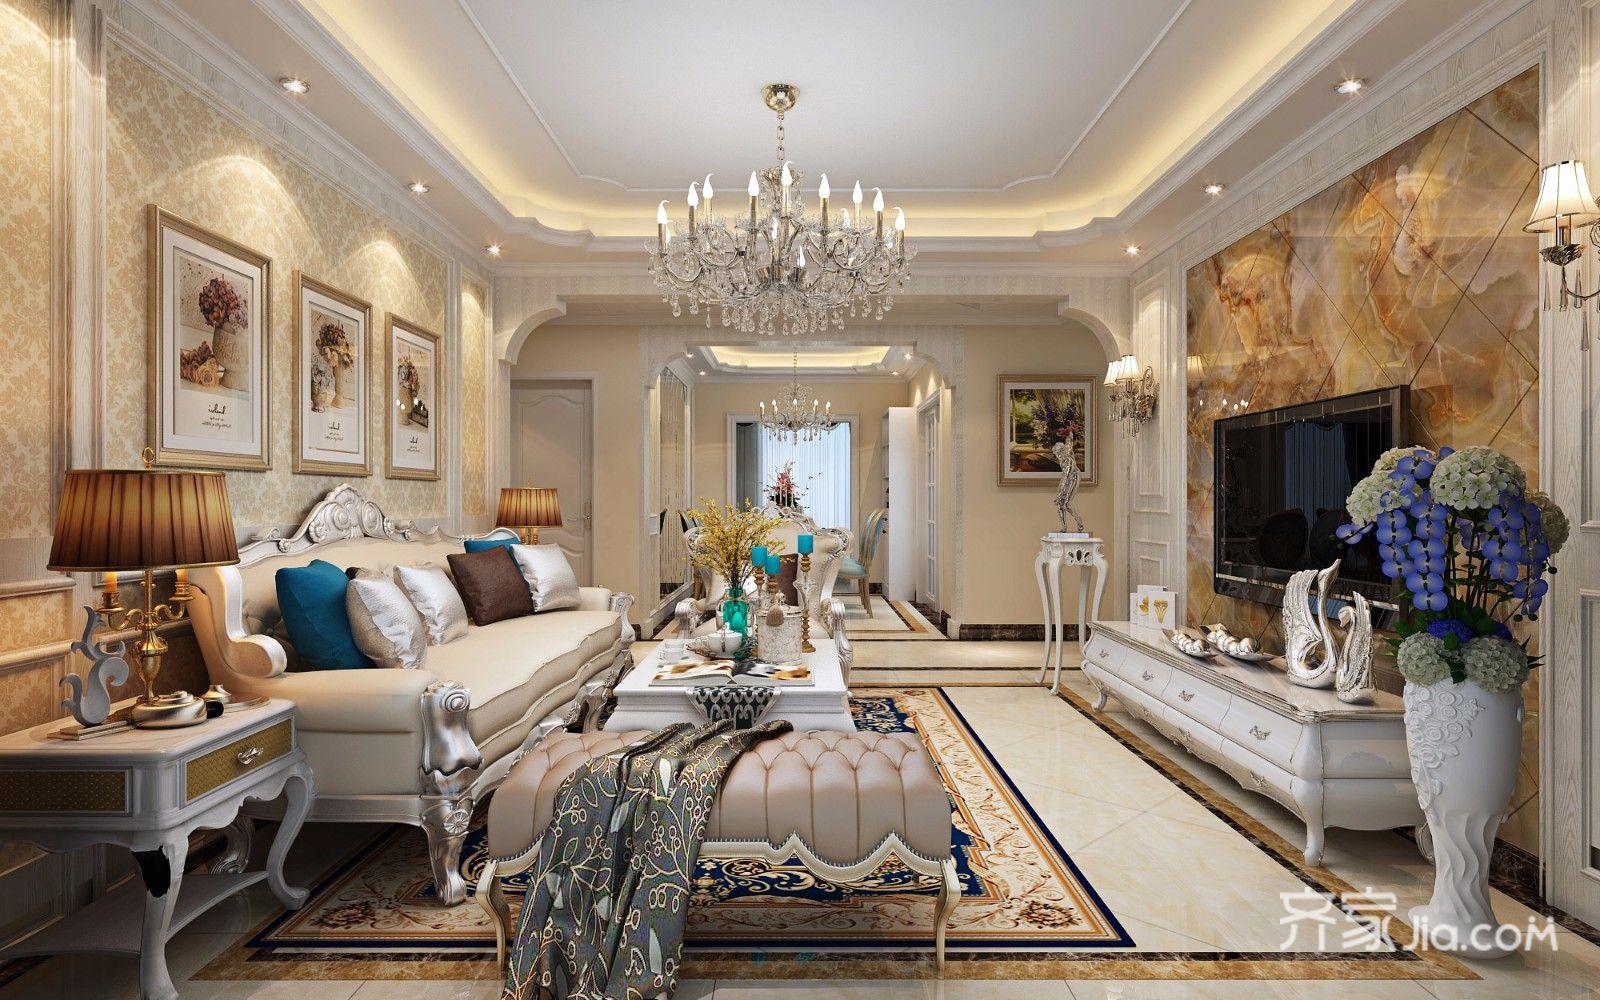 140㎡欧式风格四居客厅装修效果图